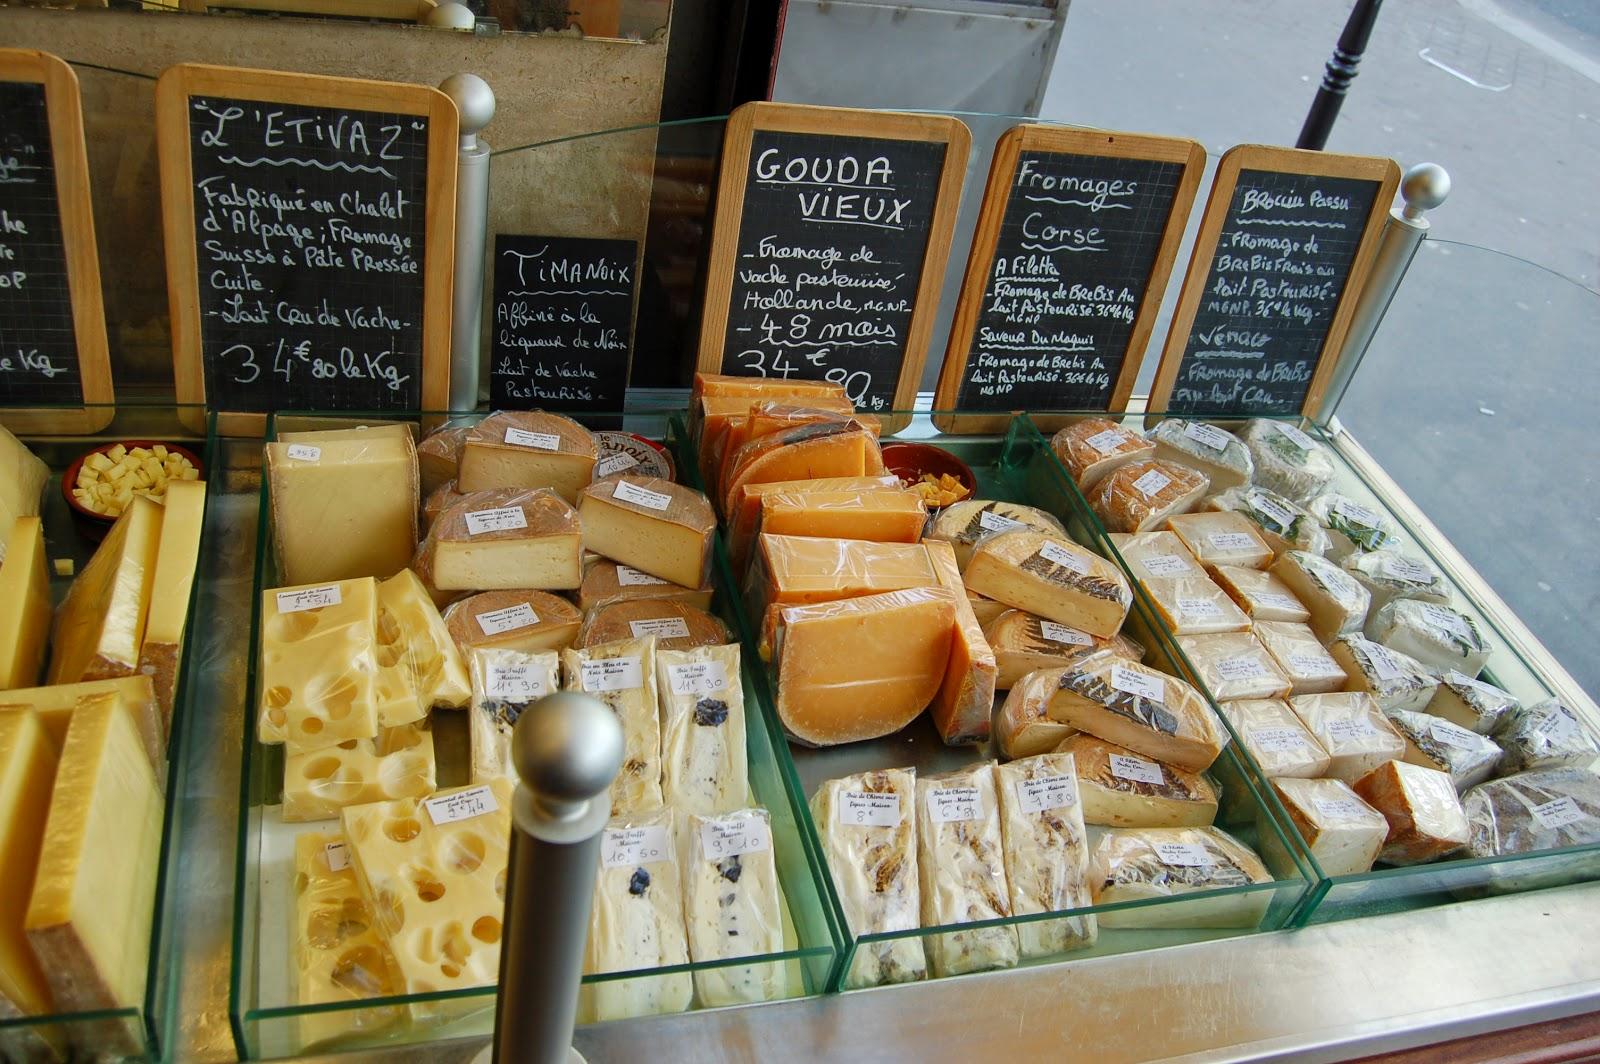 Les tasters la fromagerie jouannault sa chantilly et sa - Comptoir des cotonniers fontainebleau ...